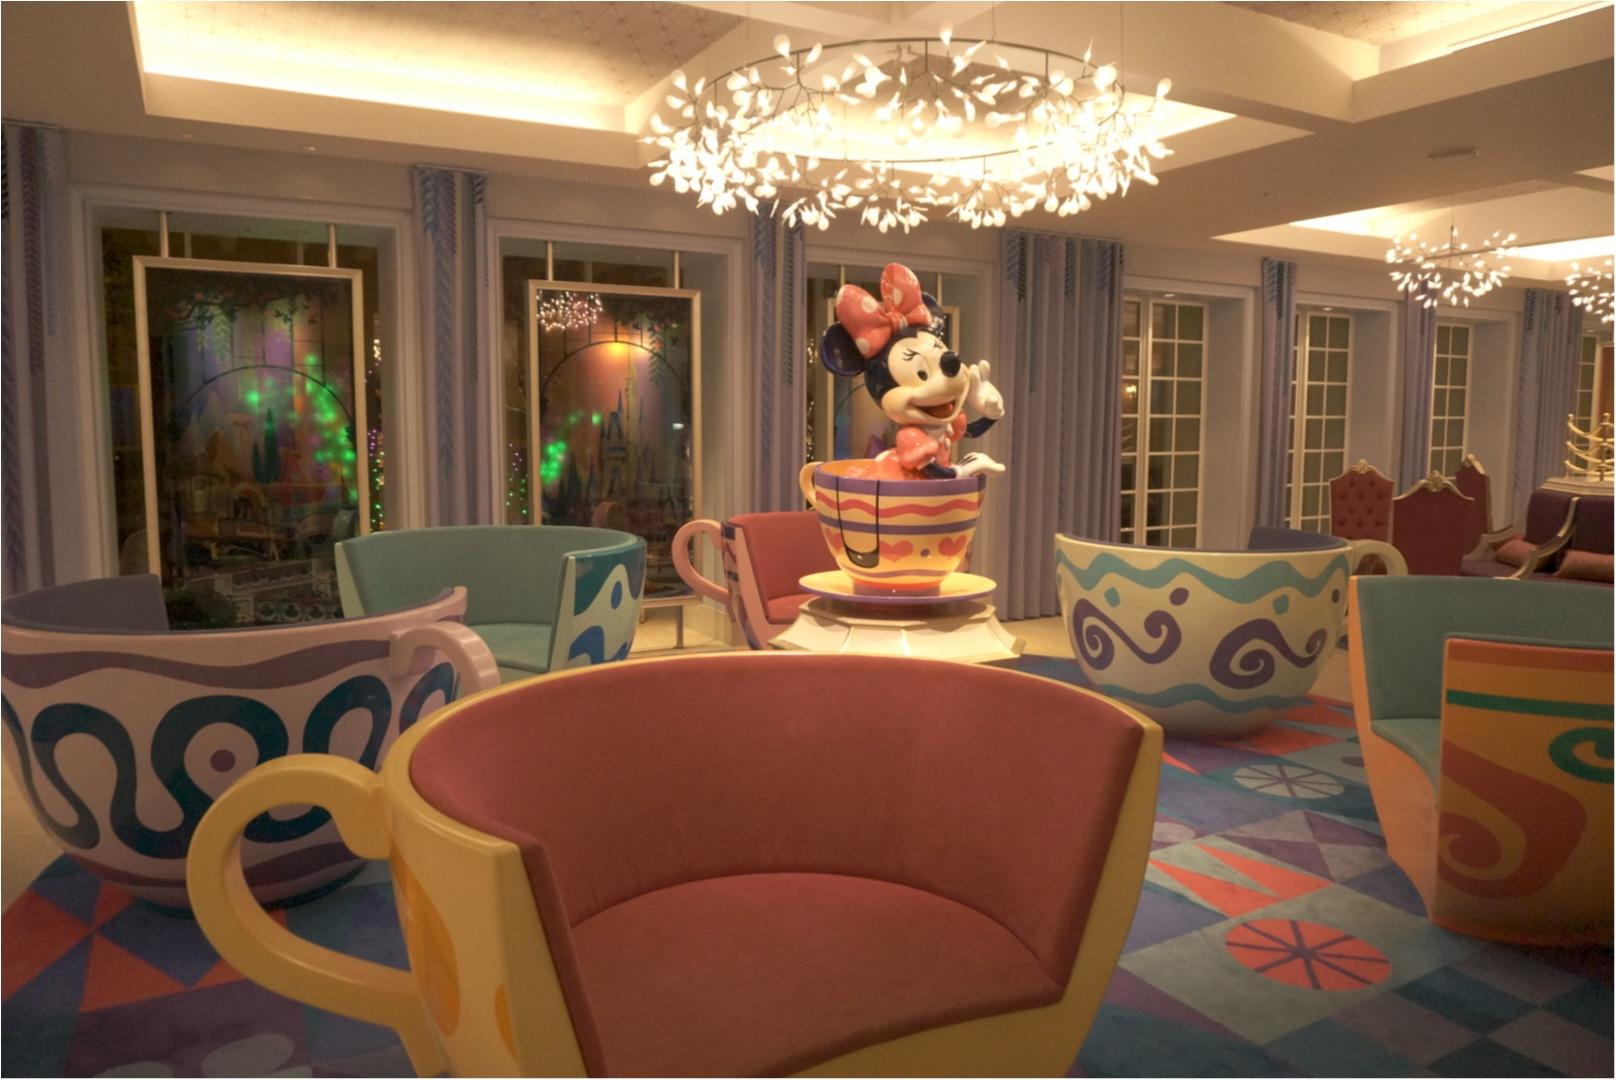 """《クリスマスはお泊まりディズニーしてみない( ´艸`)?》リーズナブルに泊まれて『ハッピー15エントリー』もできる第4のディズニーホテル""""Wish""""と""""Discover""""を徹底比較‼︎_2"""